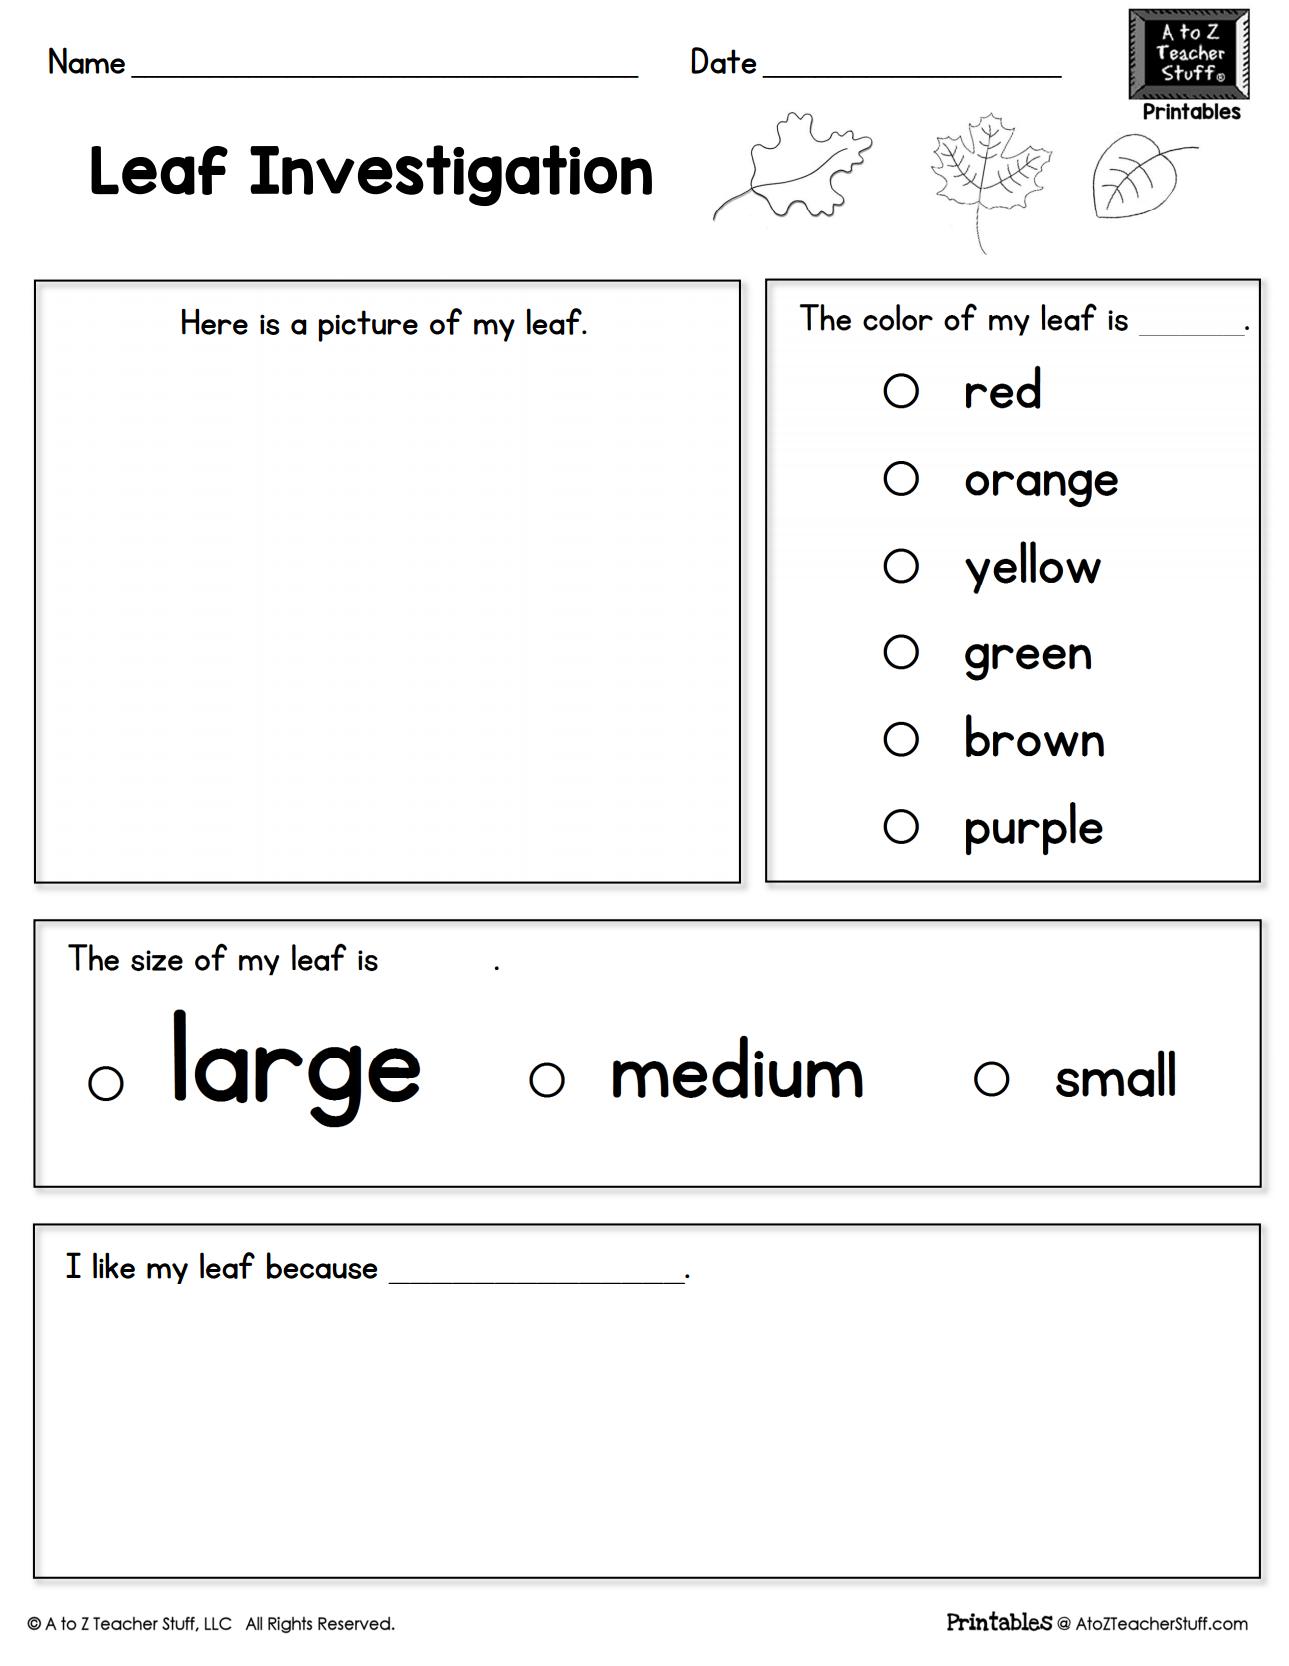 Leaf Investigation Printable Worksheet | A To Z Teacher Stuff | Teacher Printable Worksheets